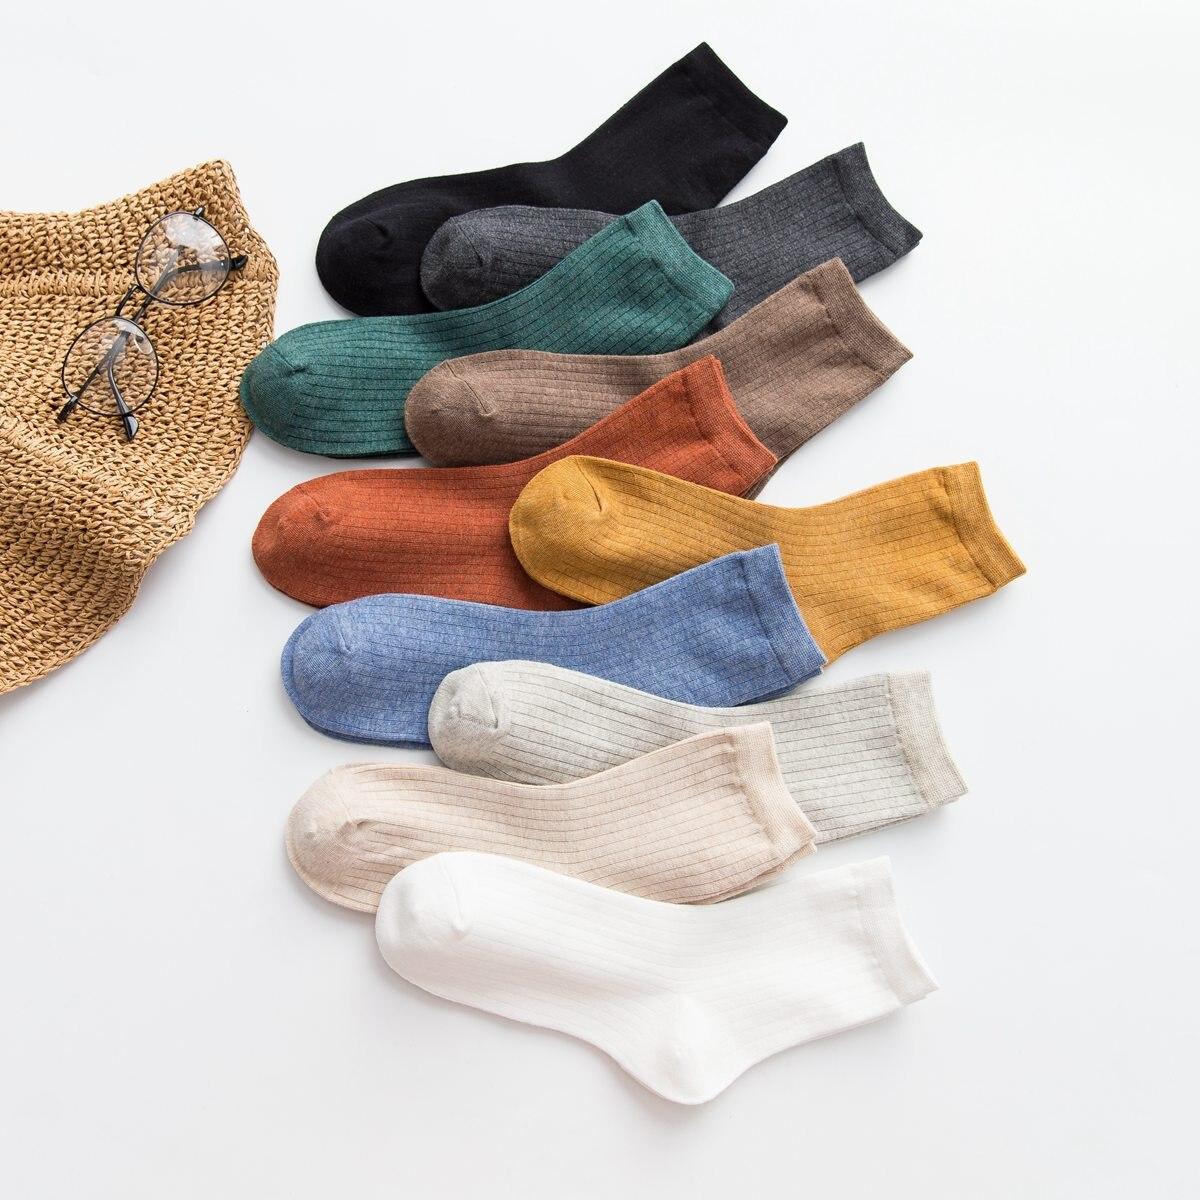 Cotone femminile calzini del tubo di colore puro di marca doppio ago Giapponese produttori di calze femminili calze di cotone all'ingrosso una generazione